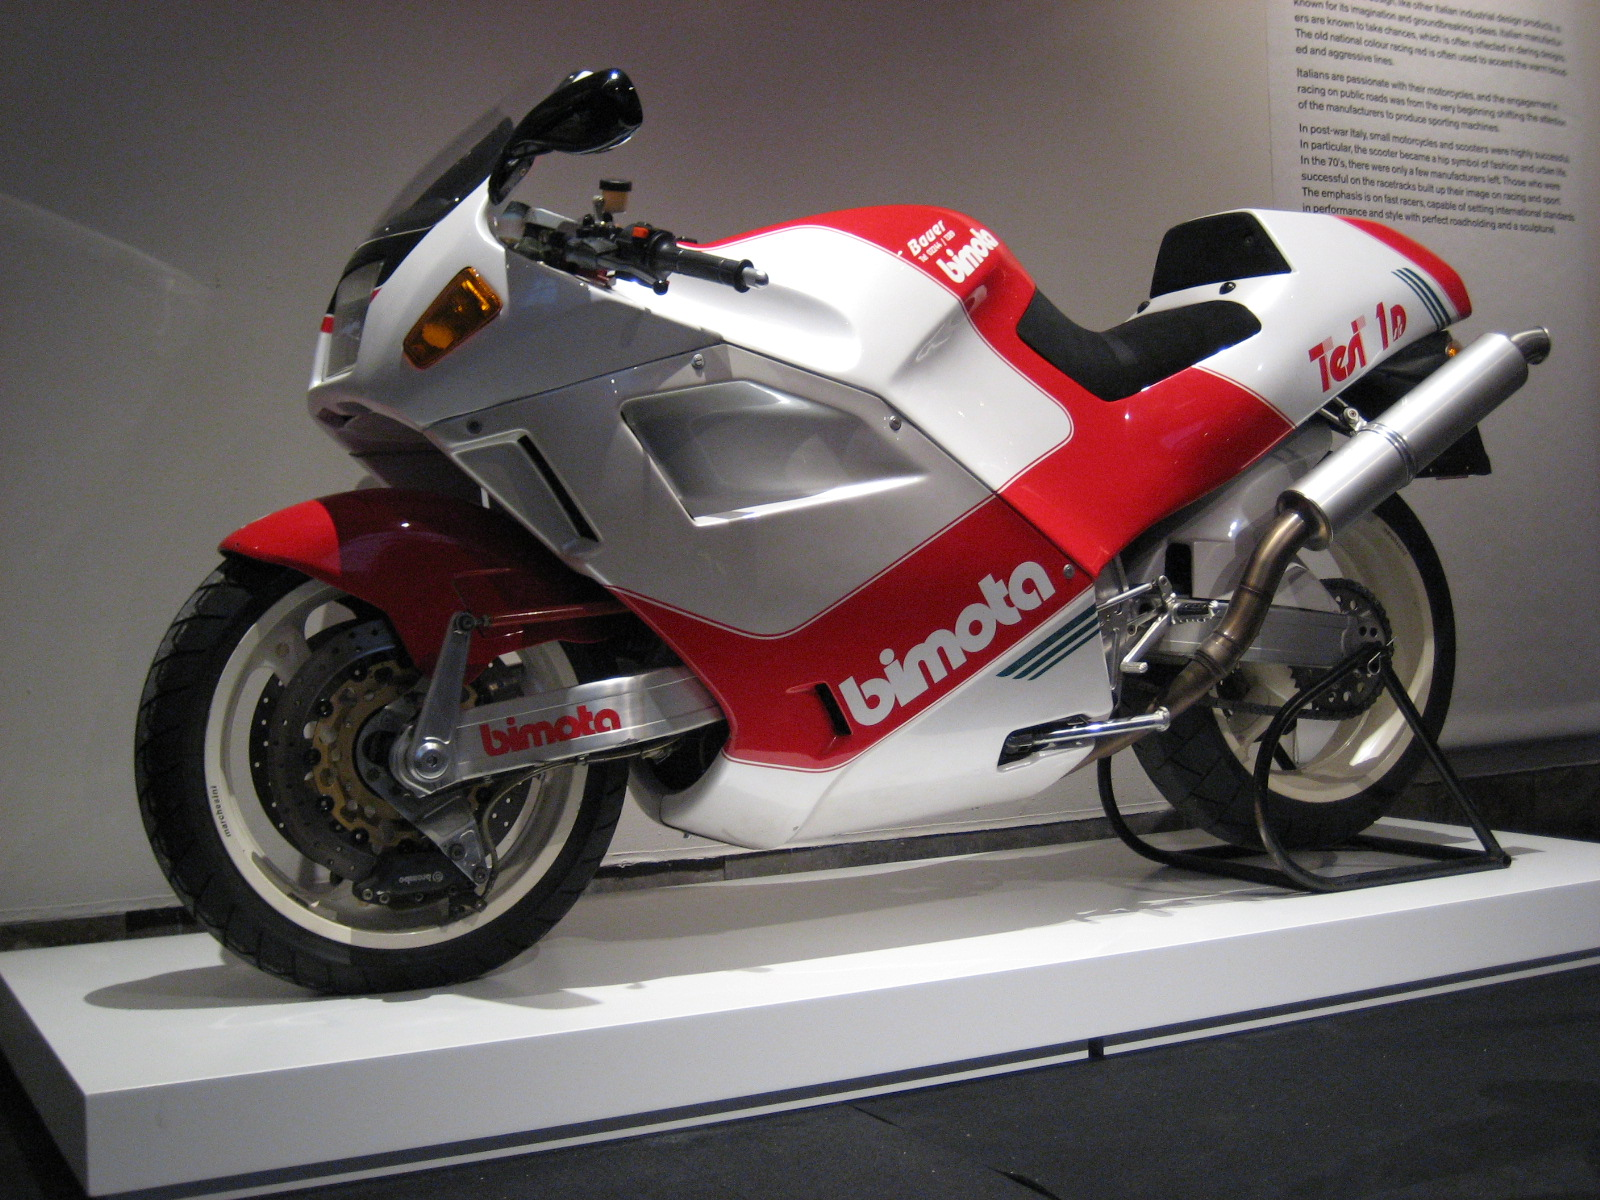 Ducati Bimota